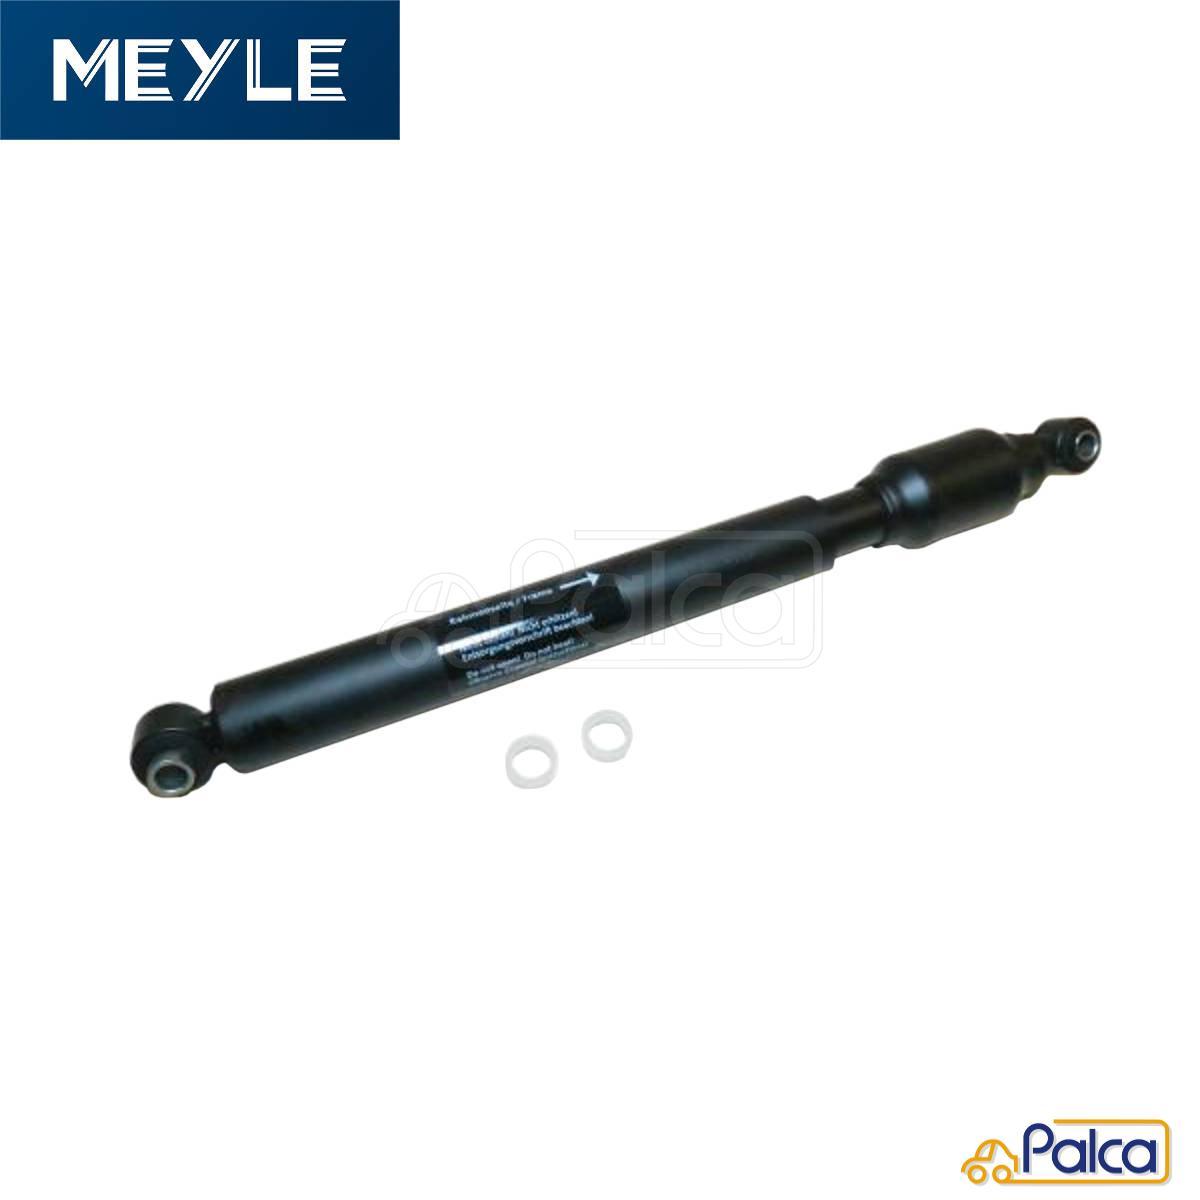 Meyle 0268272000 Steering Damper